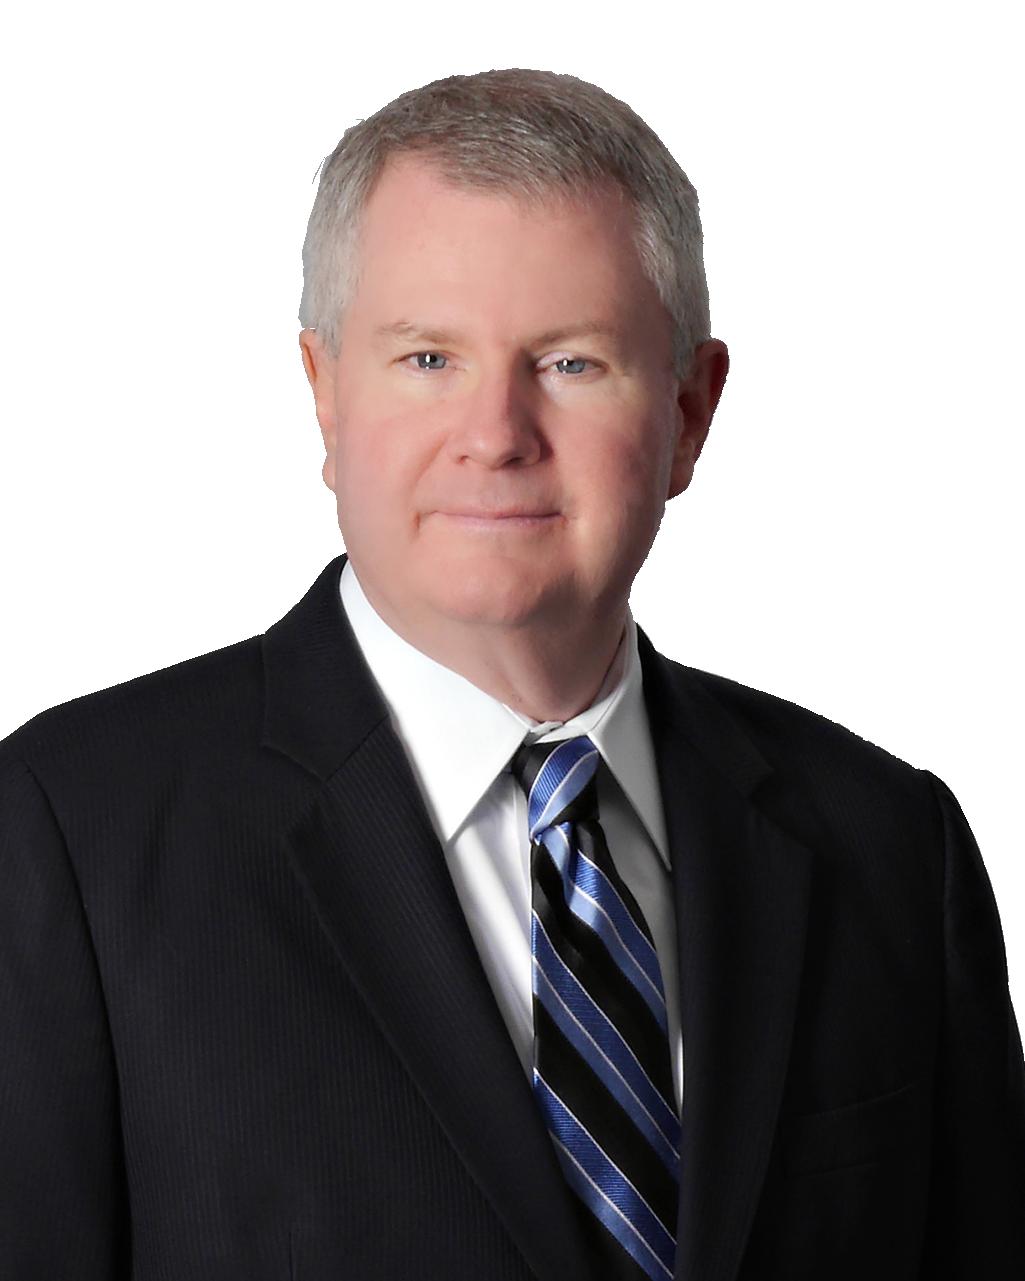 Michael P. Brennan